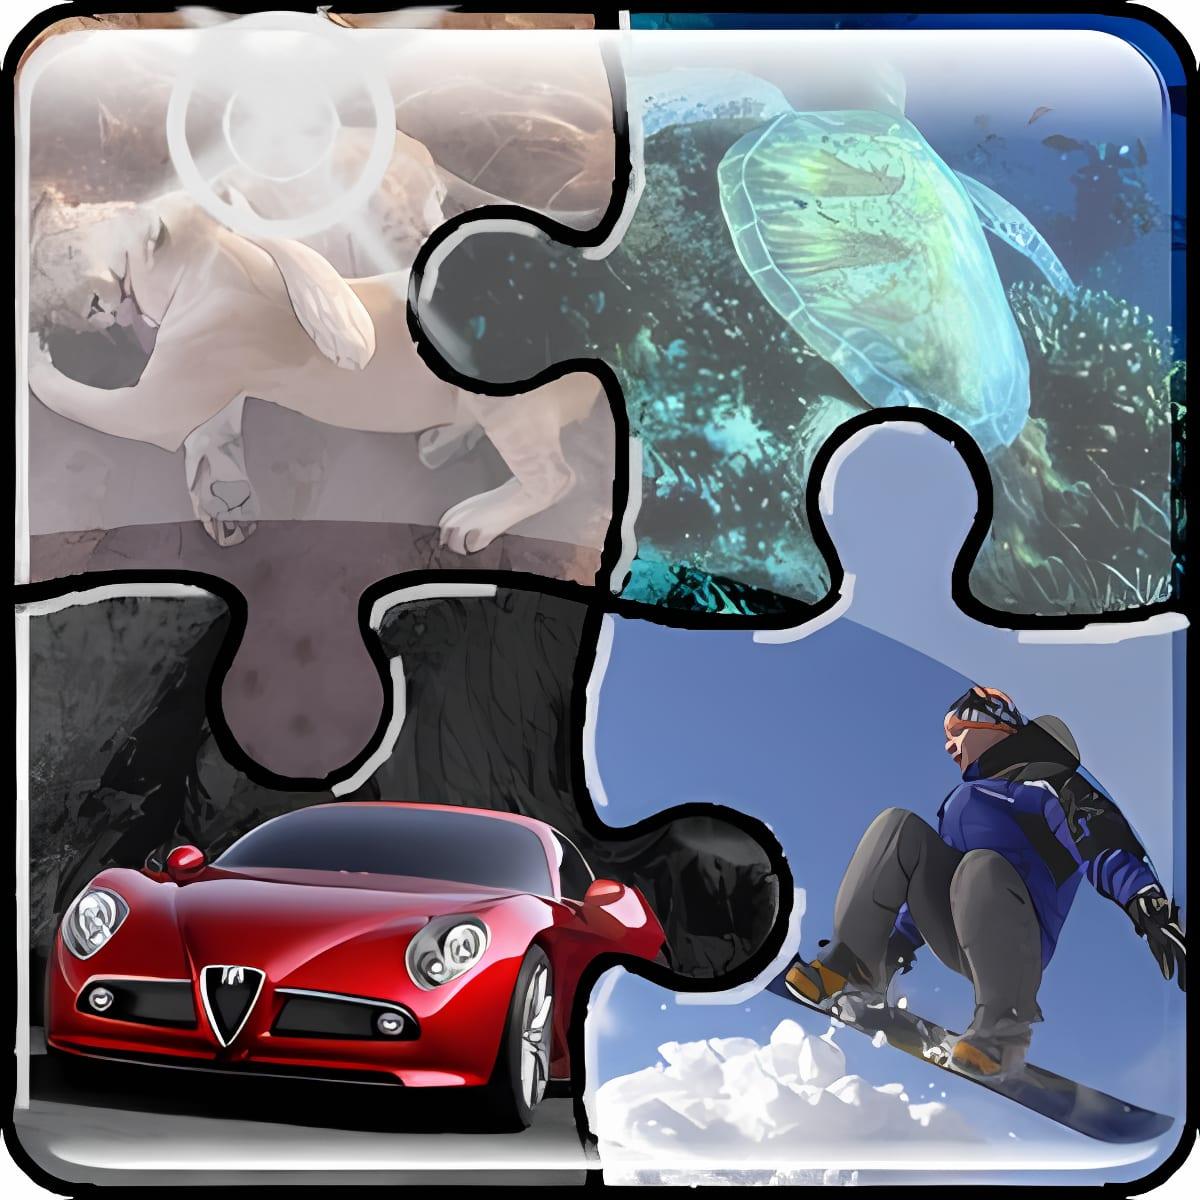 Rompecabezas Jigsaw gratis 2.3 y versiones superiores